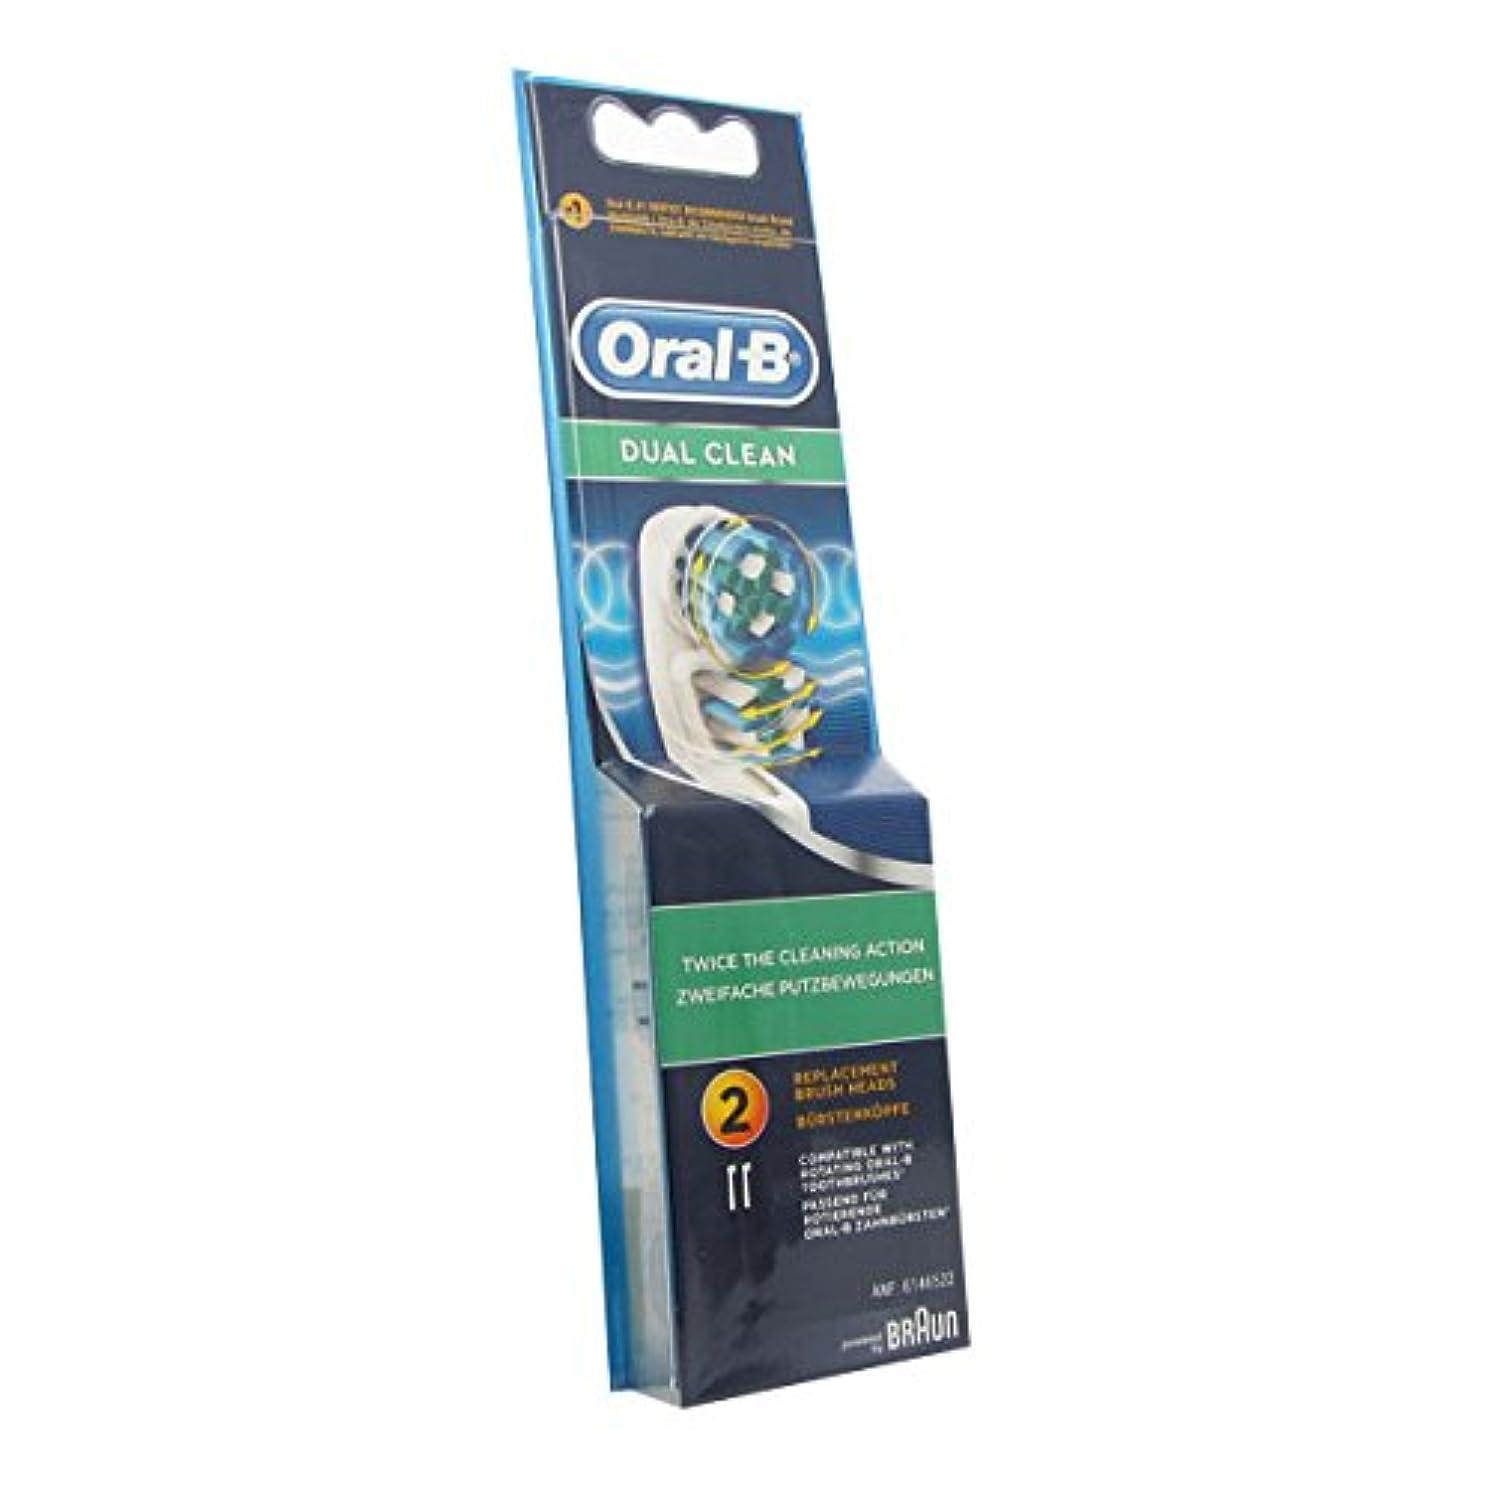 問い合わせる許さない挑むOral B Dual Clean Replacement Brush X2 [並行輸入品]